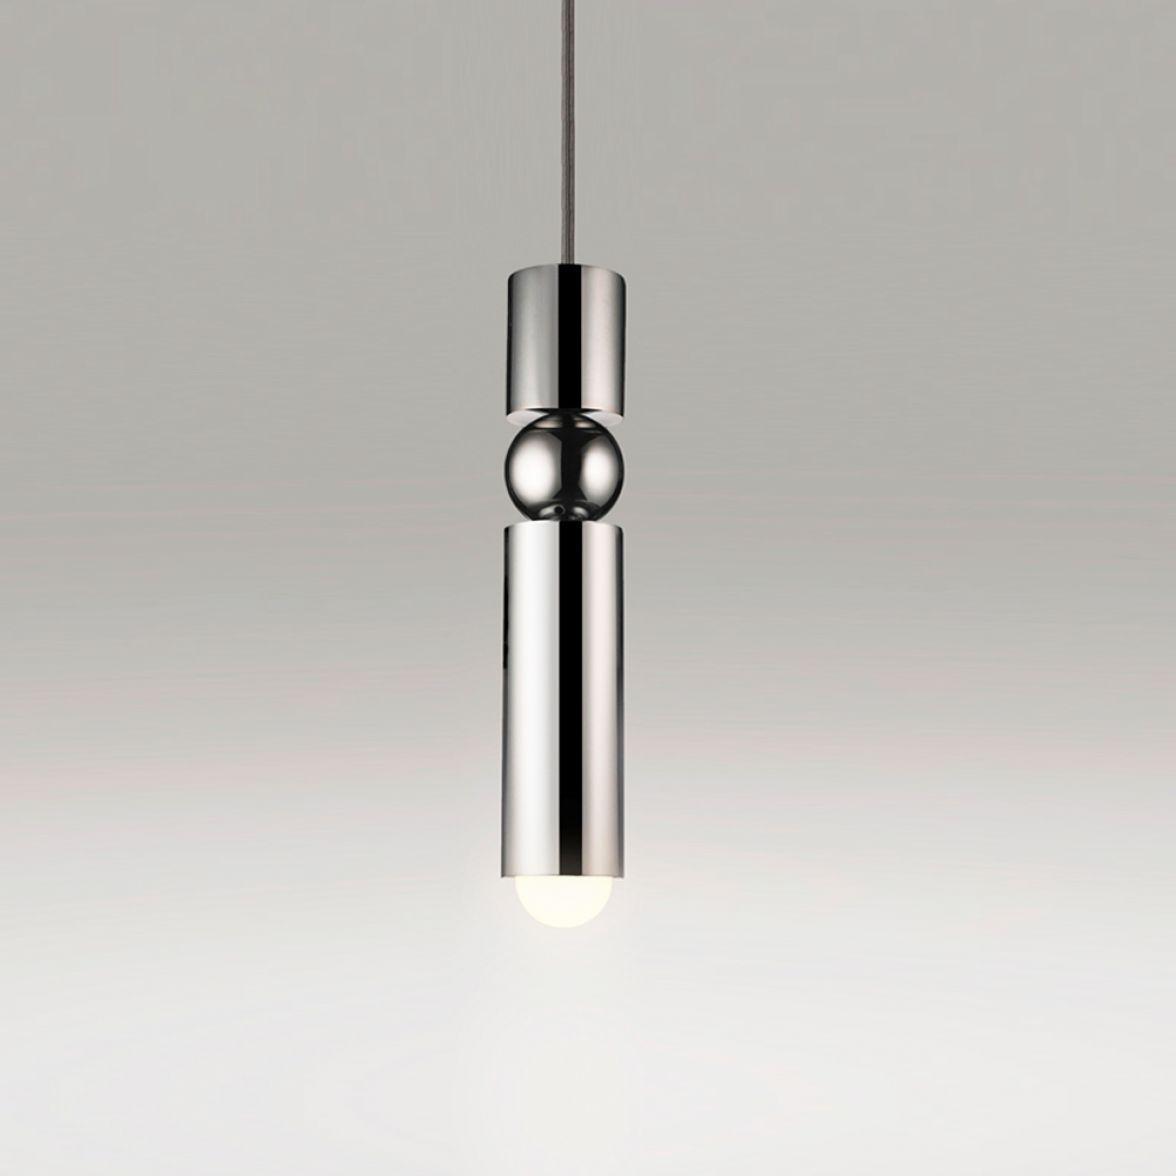 Fulcrum light pendant